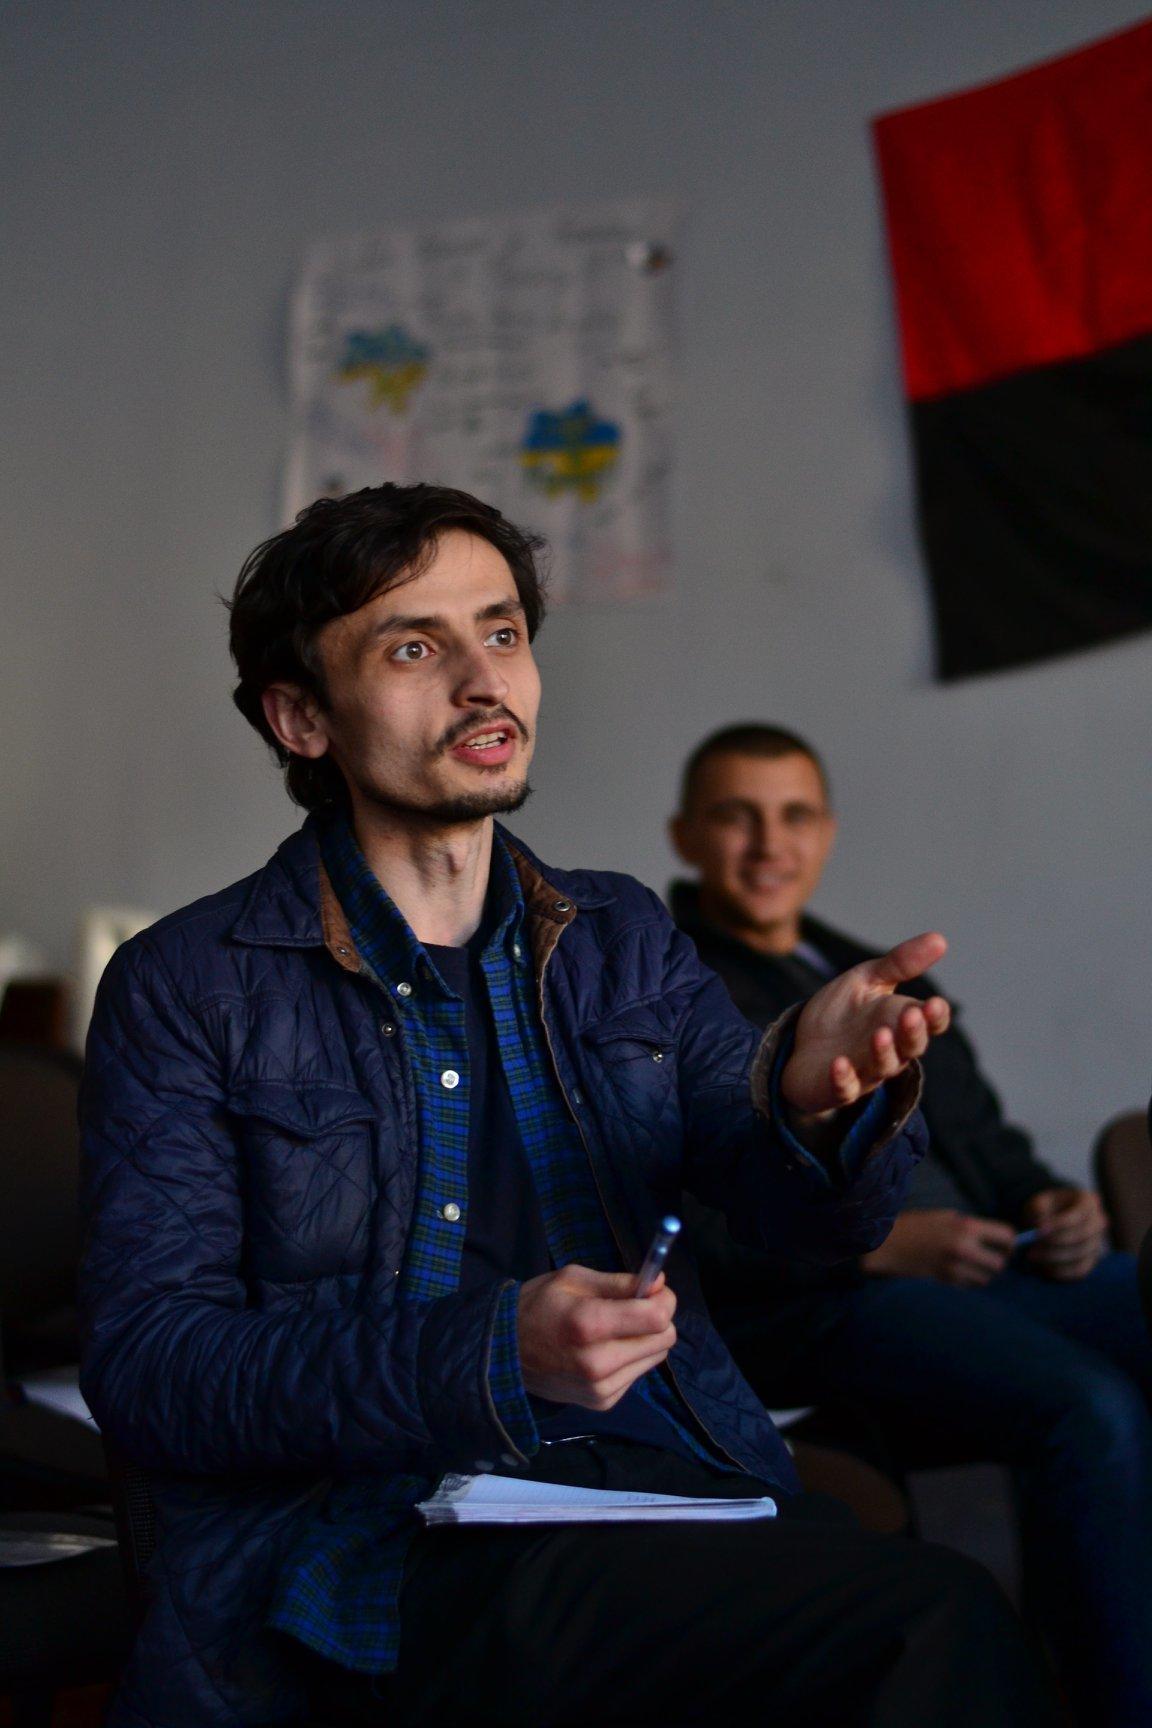 Як навчають соціальному підприємництву ветеранів АТО у Кам'янці-Подільському, фото-8